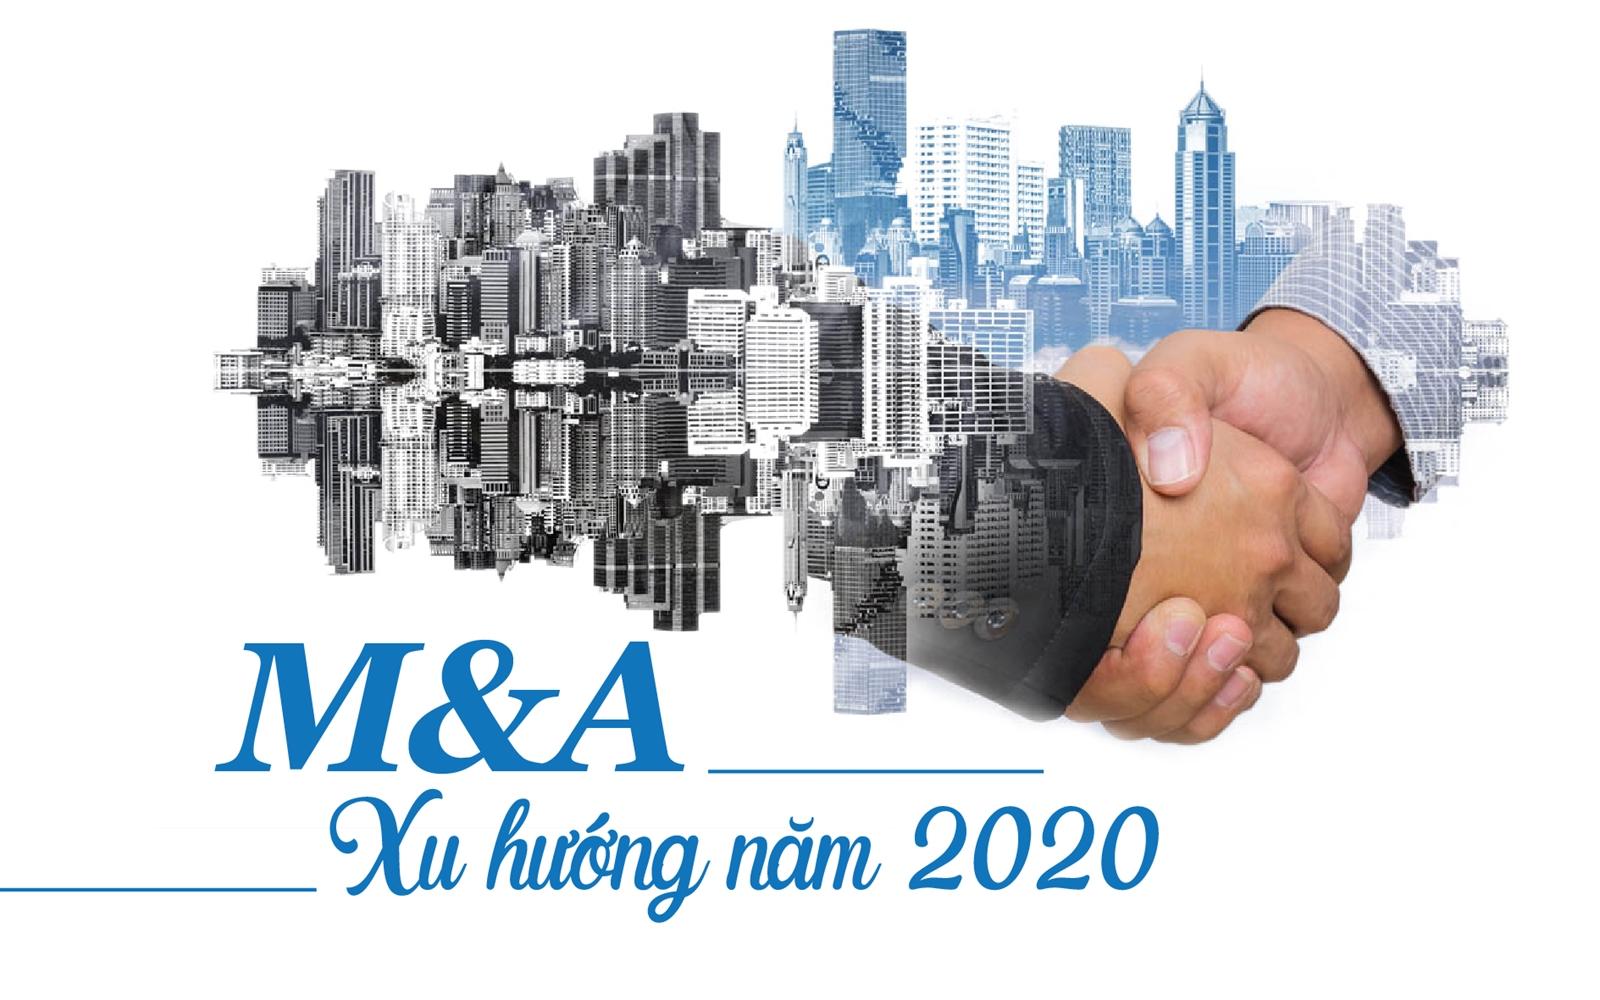 """M&A bất động sản 2020: """"Tự nắm tóc nâng mình lên""""?"""